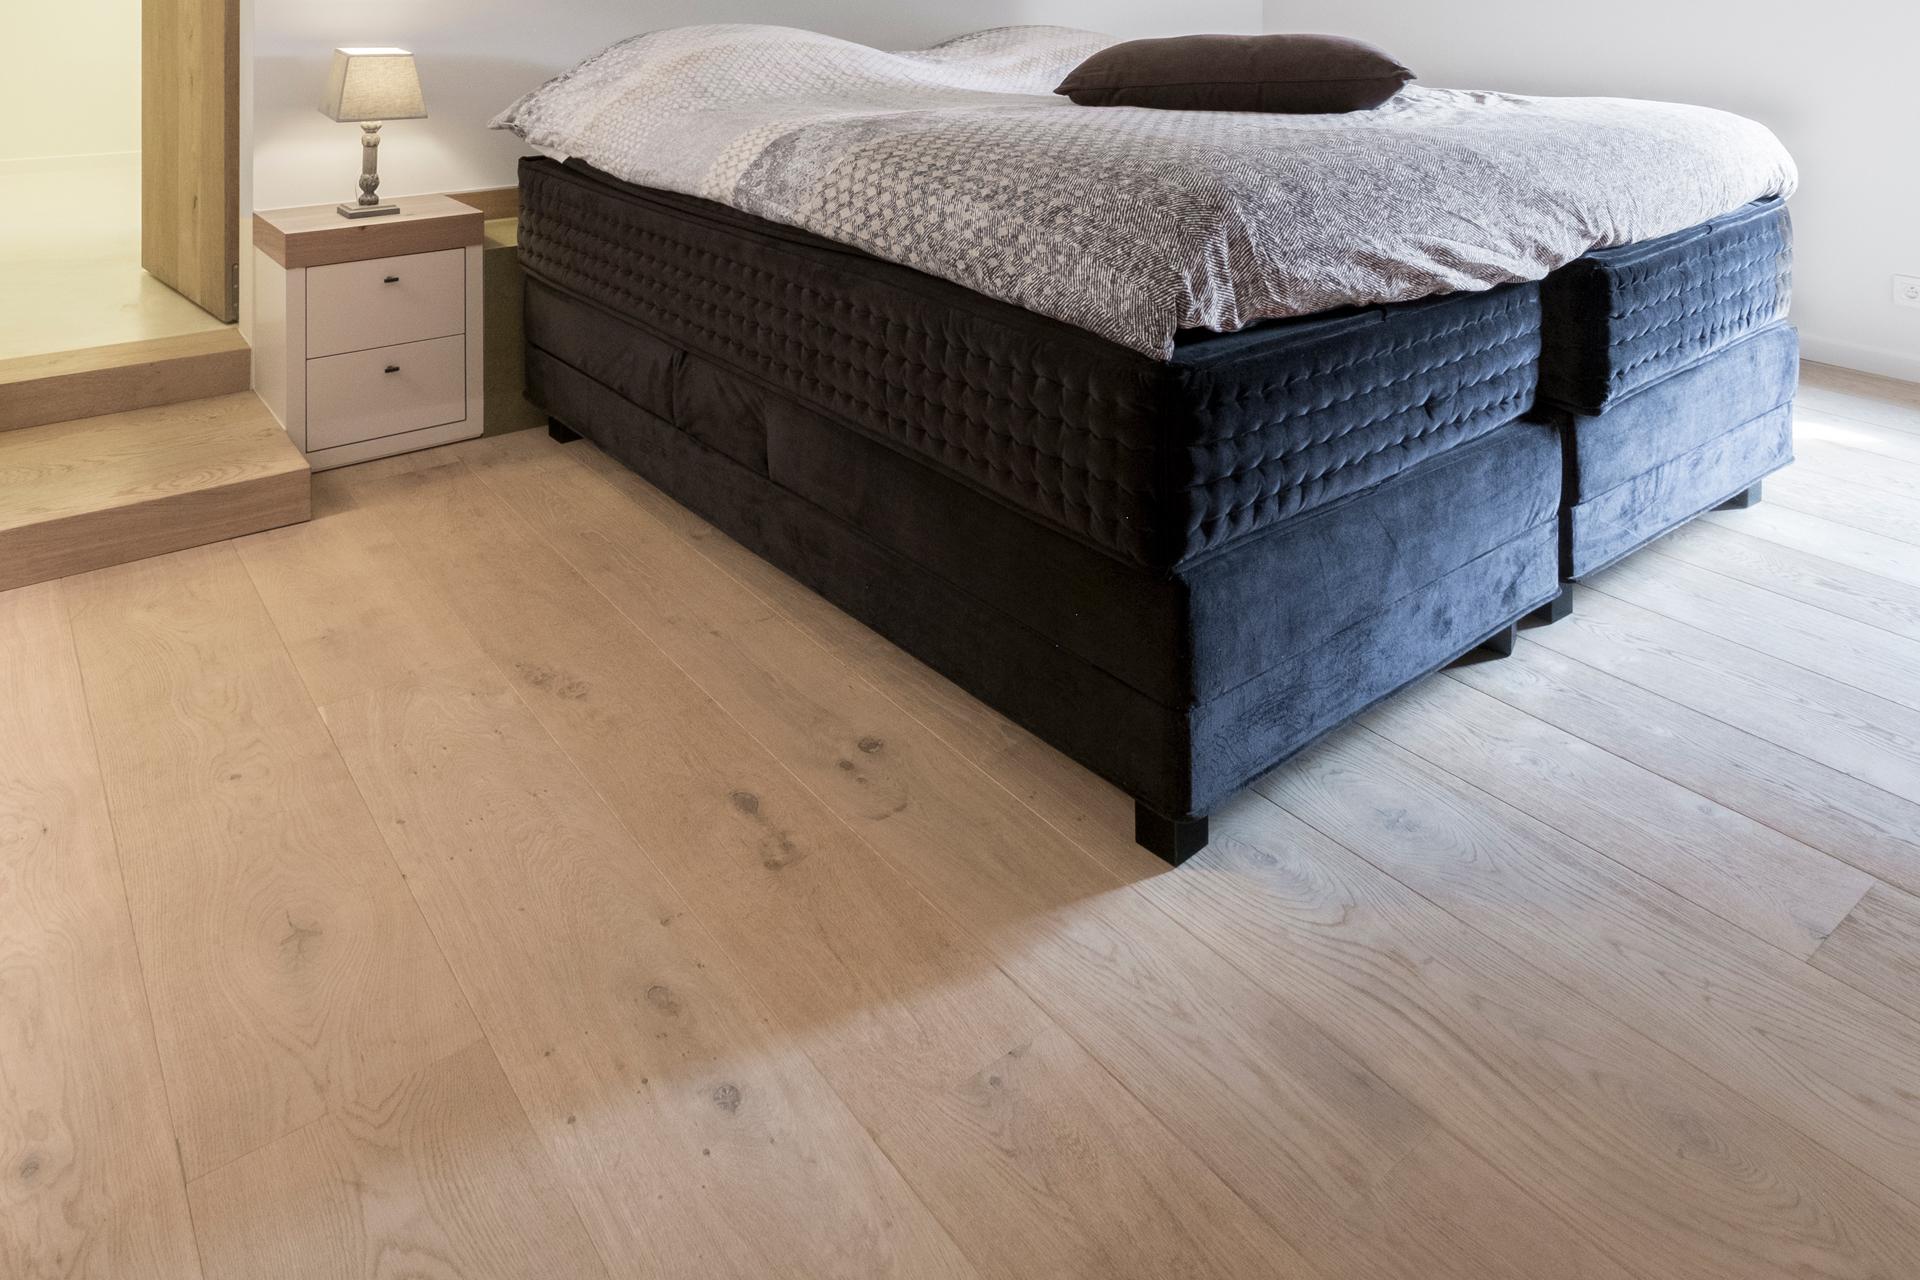 Samengestelde vloeren - Parket van Laer - Eyskens